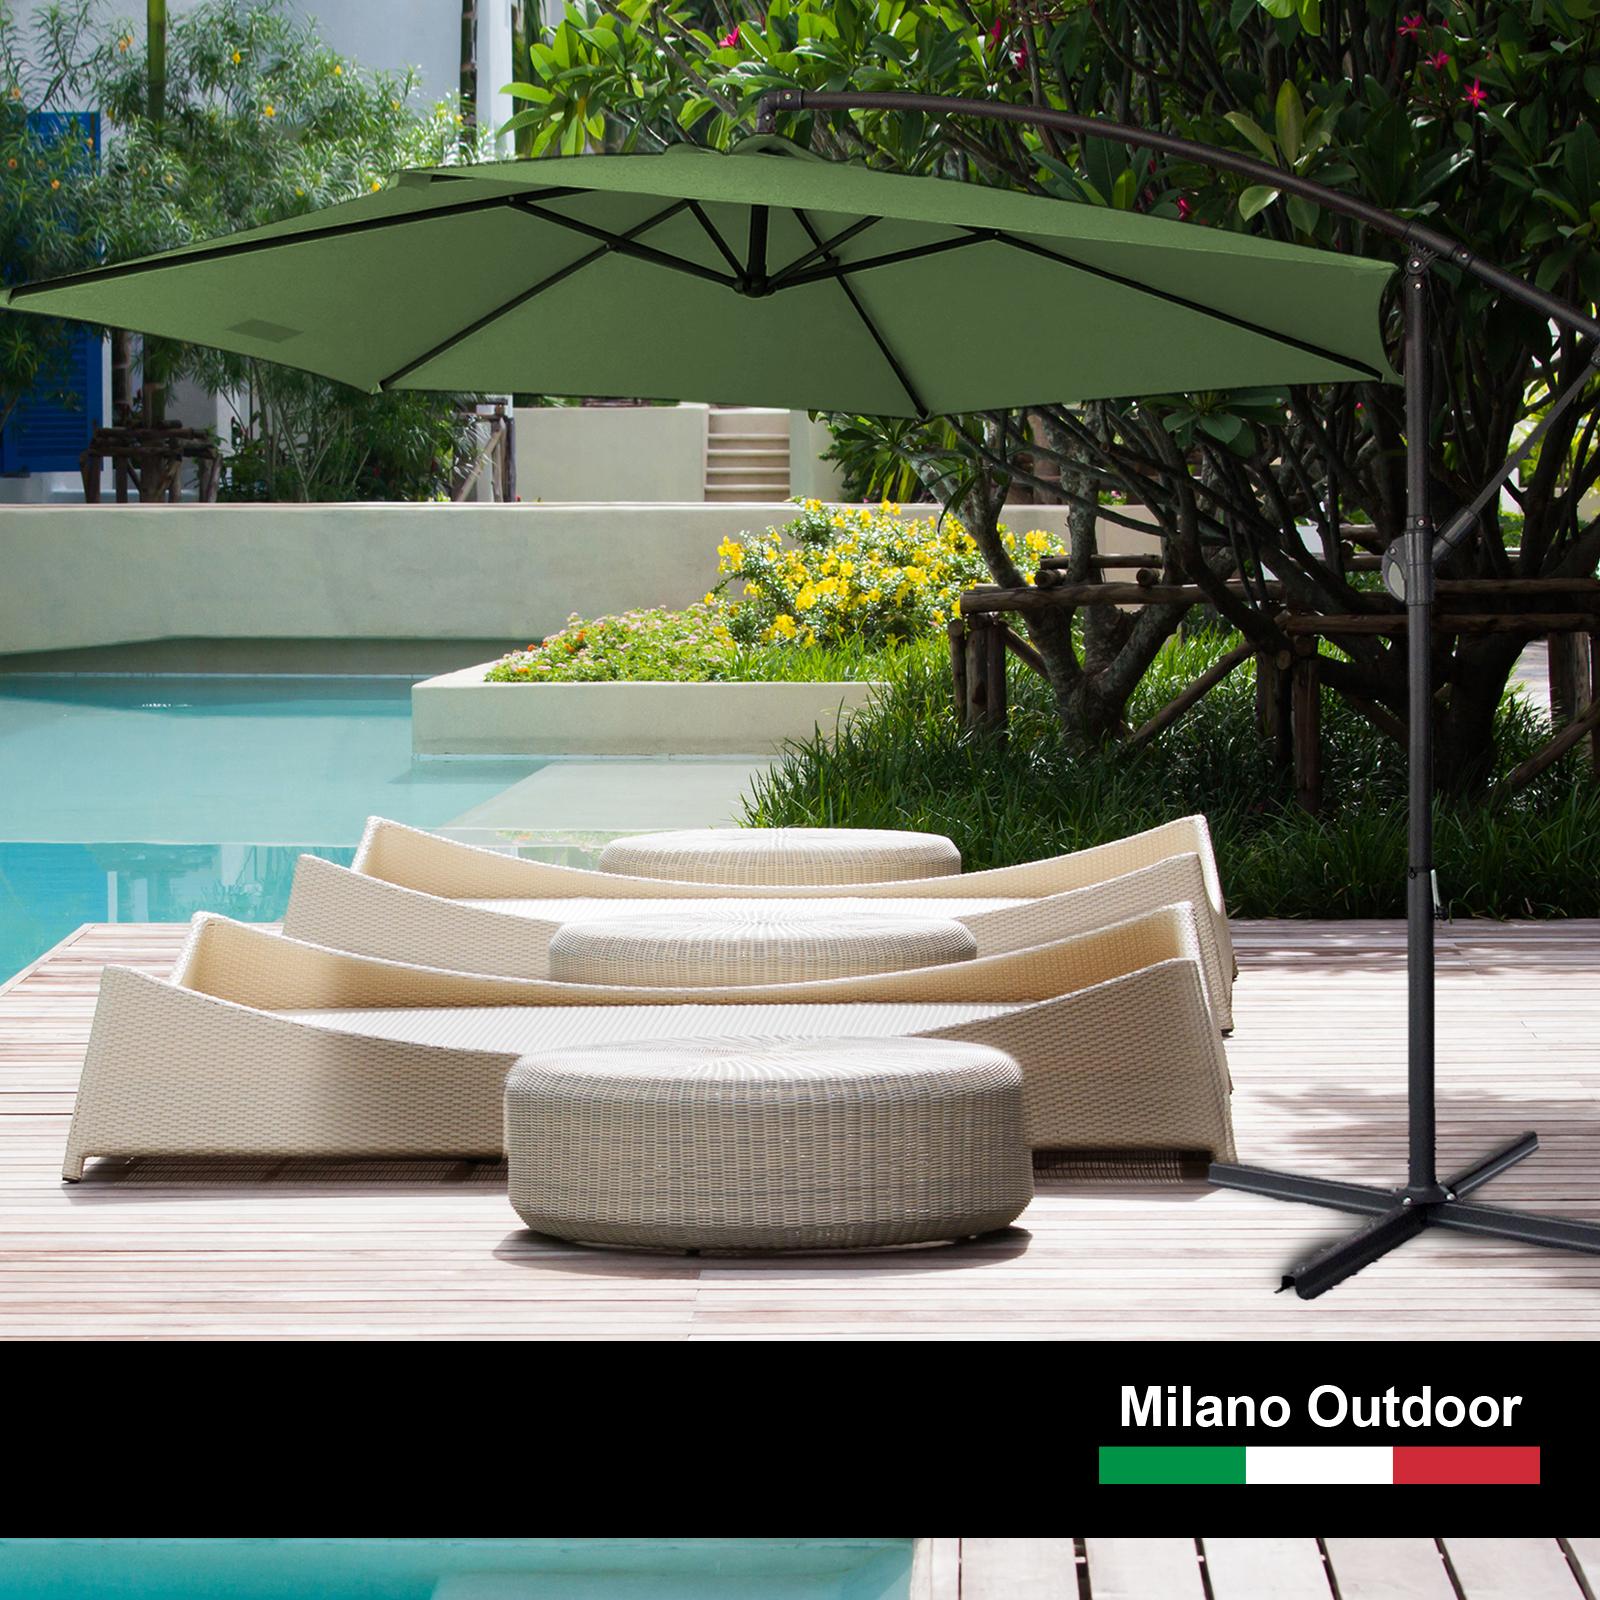 thumbnail 31 - Milano Outdoor 3 Metre Cantilever Umbrella UV Sunshade Garden Patio Deck